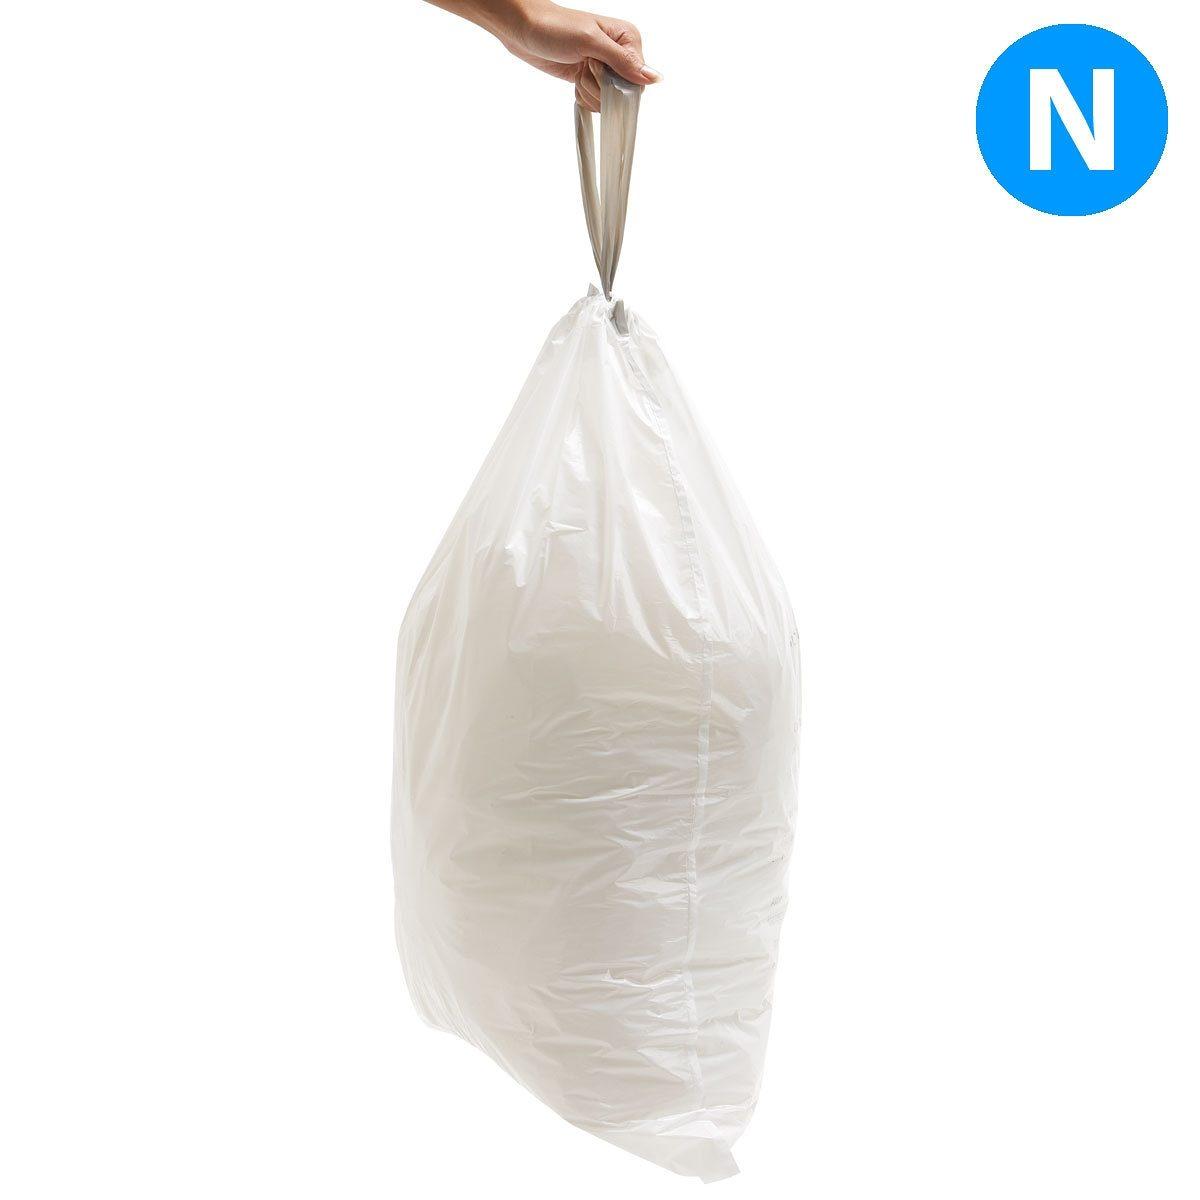 Simplehuman simplehuman 20 Abfallbeutel Müllbeutel N 45 l